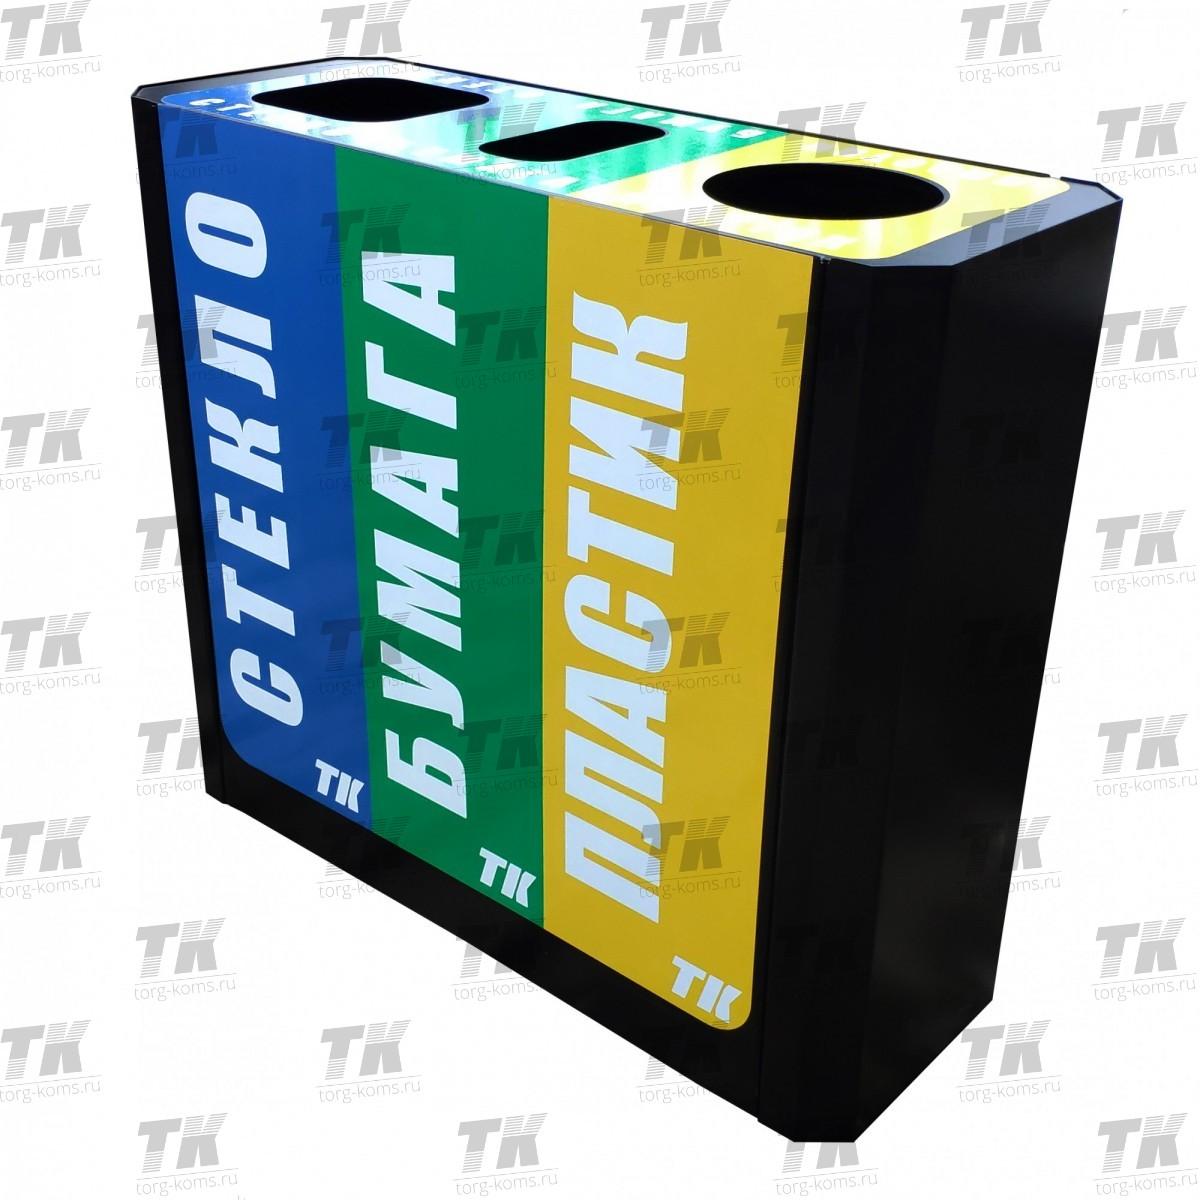 Урна для раздельного сбора отходов 3 секции (стекло, бумага, пластик)